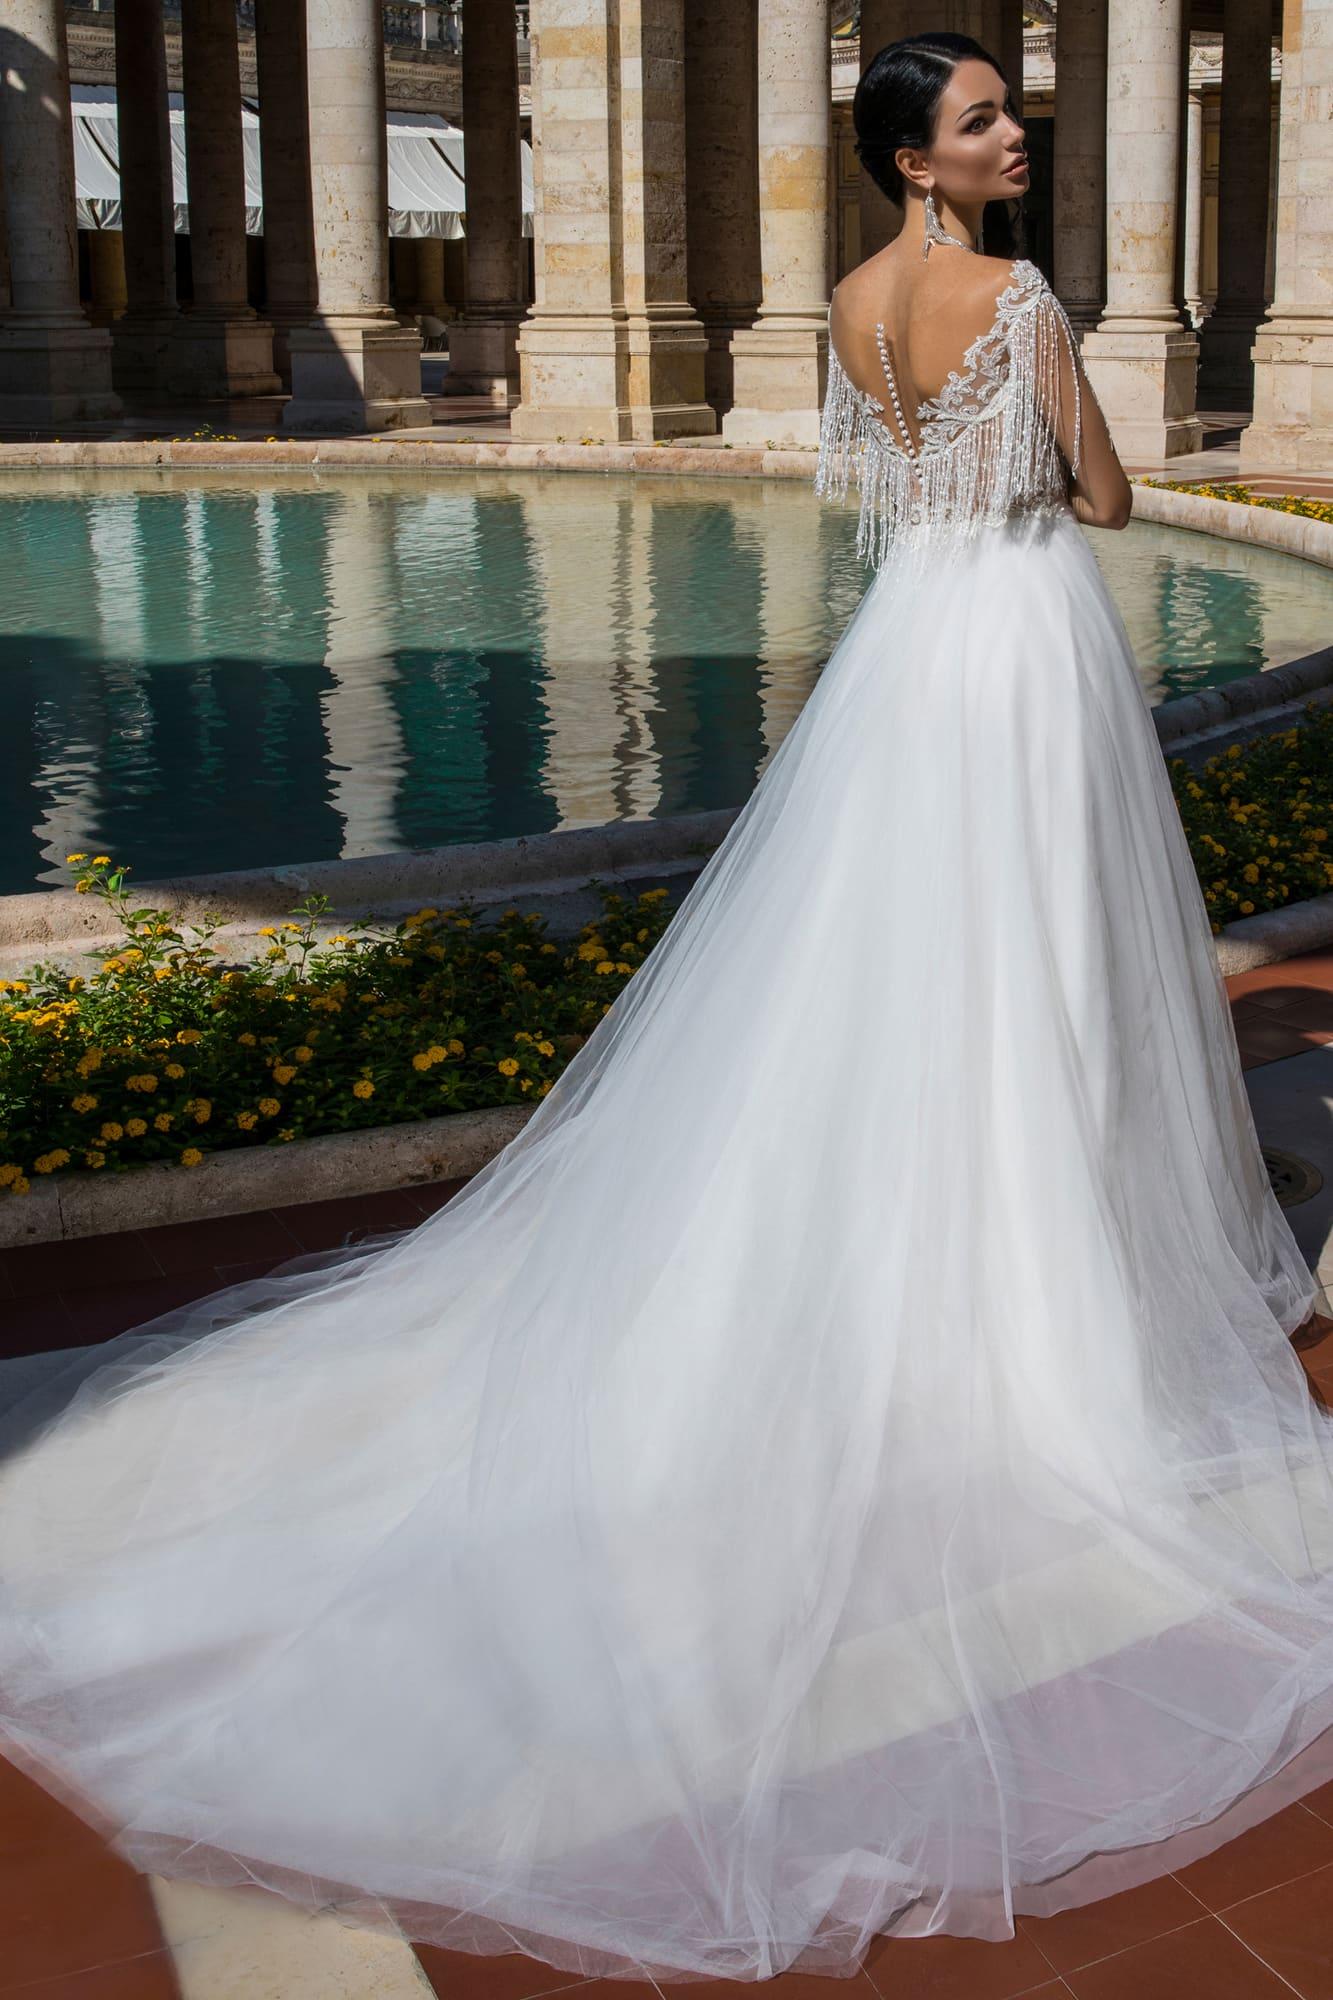 Воздушное свадебное платье с эффектным вырезом и сияющей отделкой верха.